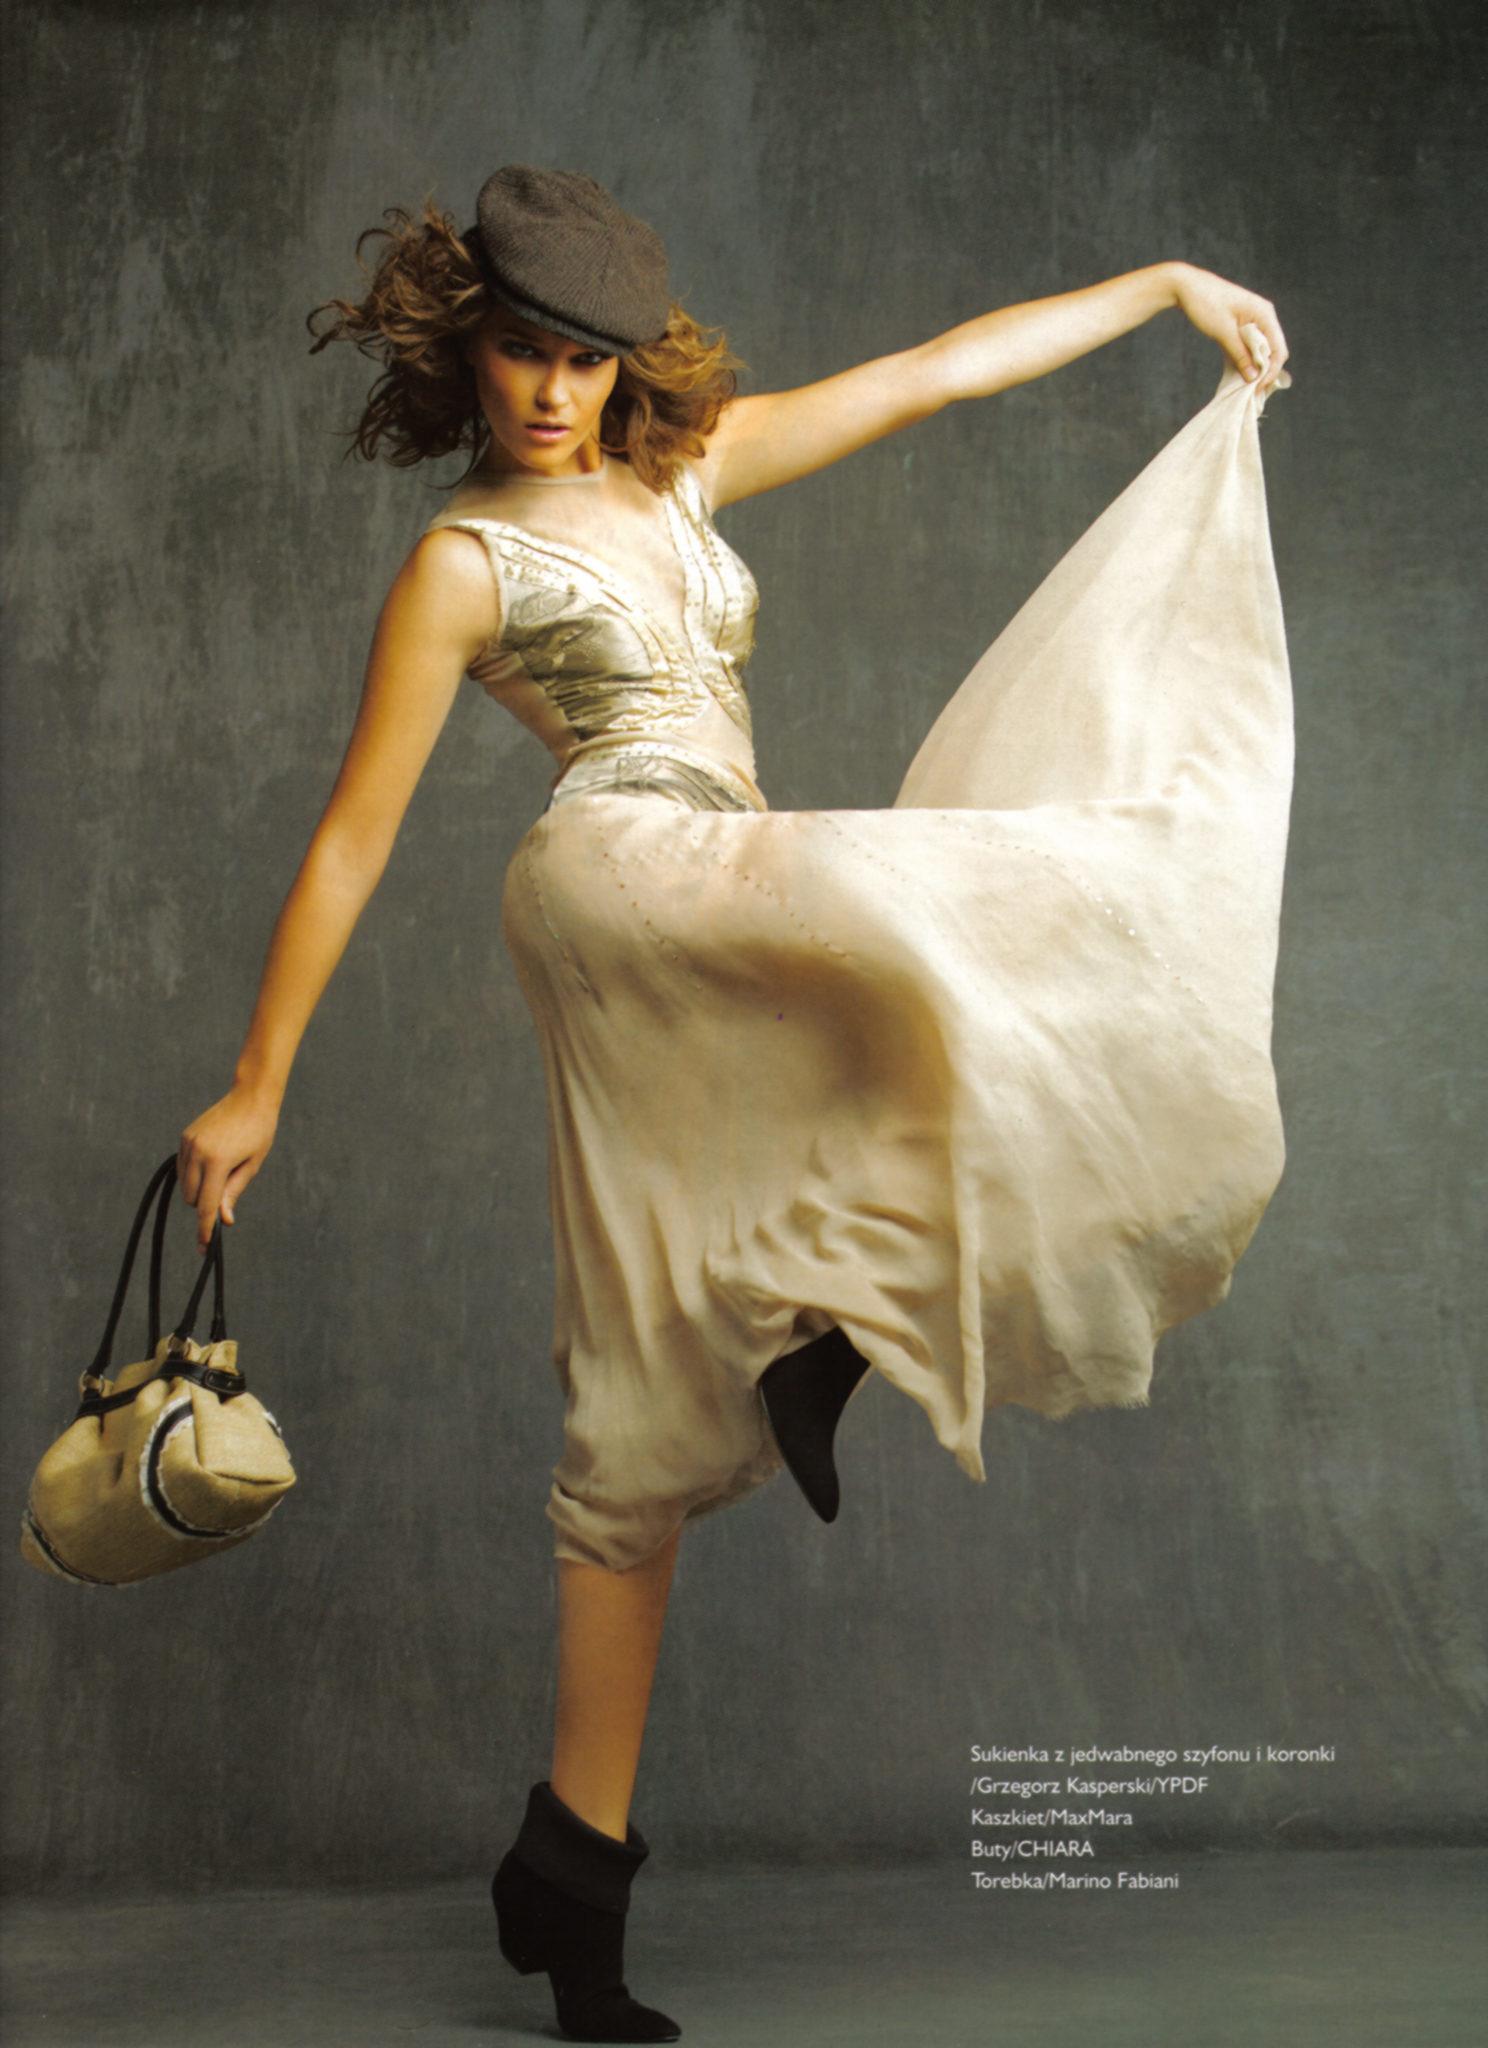 sukienka-grzegorza-kasperskiego-magazyn-promenada-sukcesu